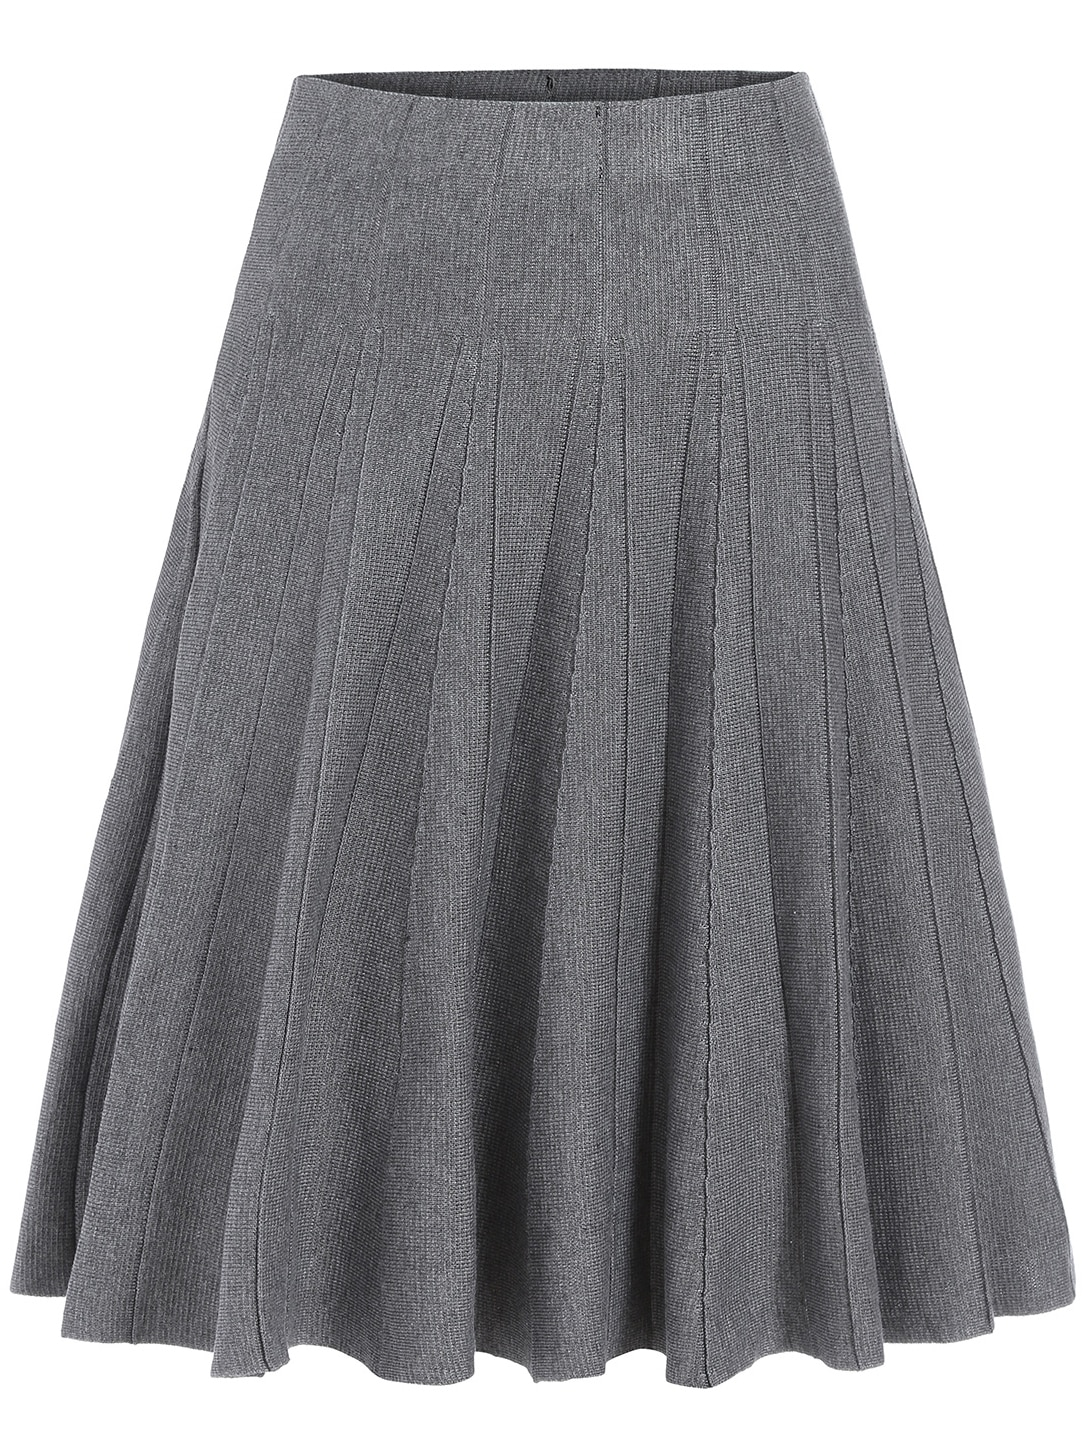 Grey High Waist Pleated A Line Skirt